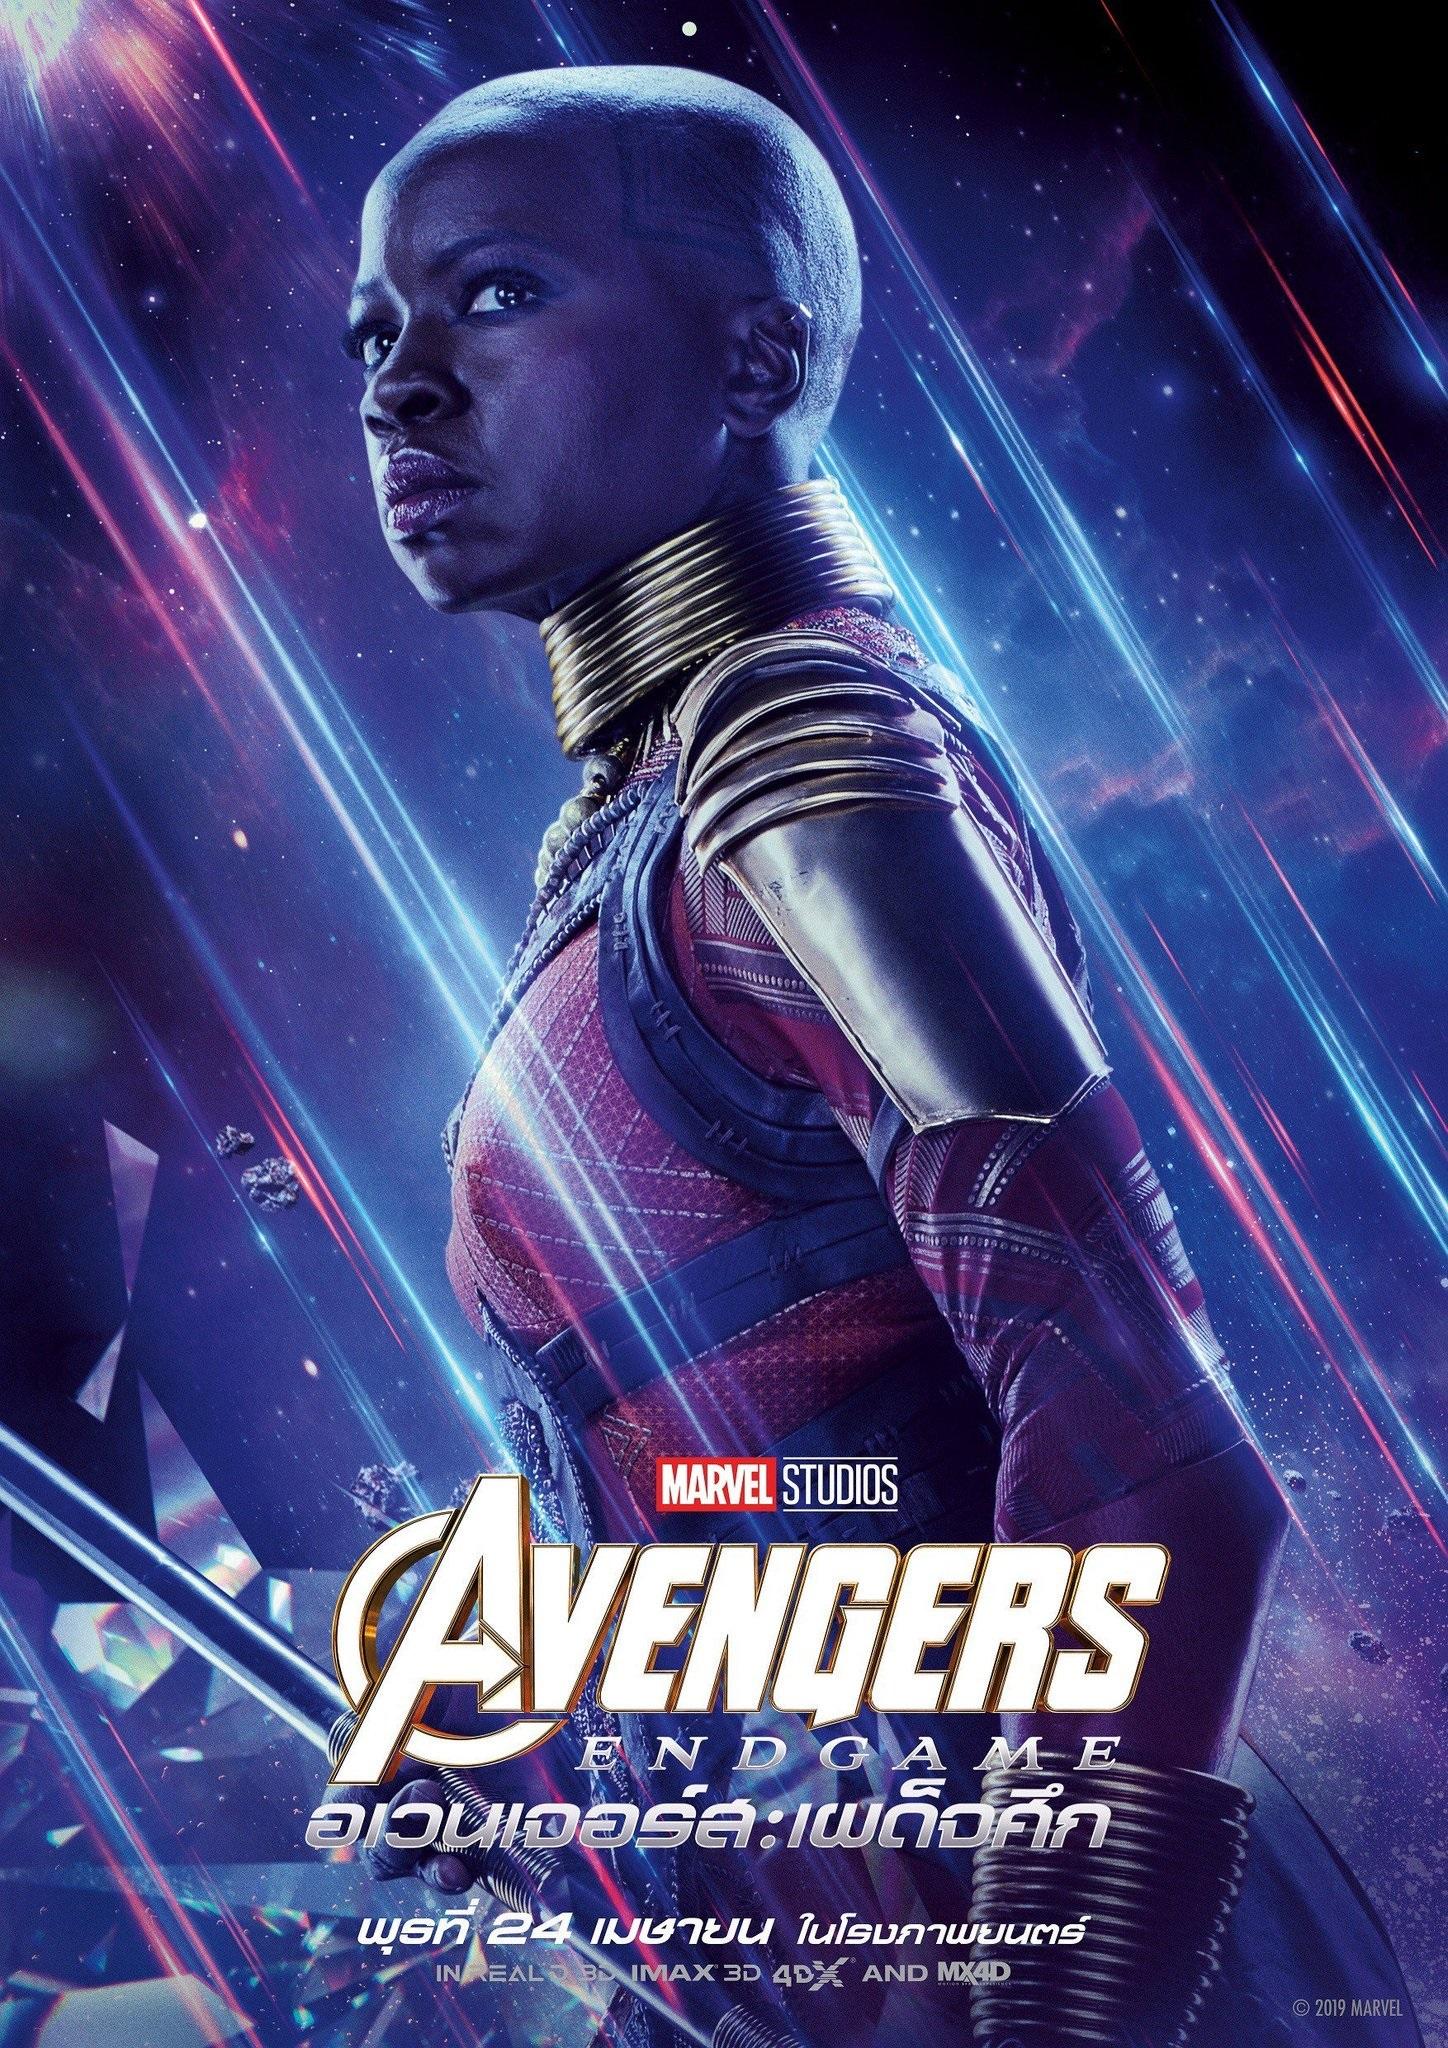 Endgame international character poster for Okoye